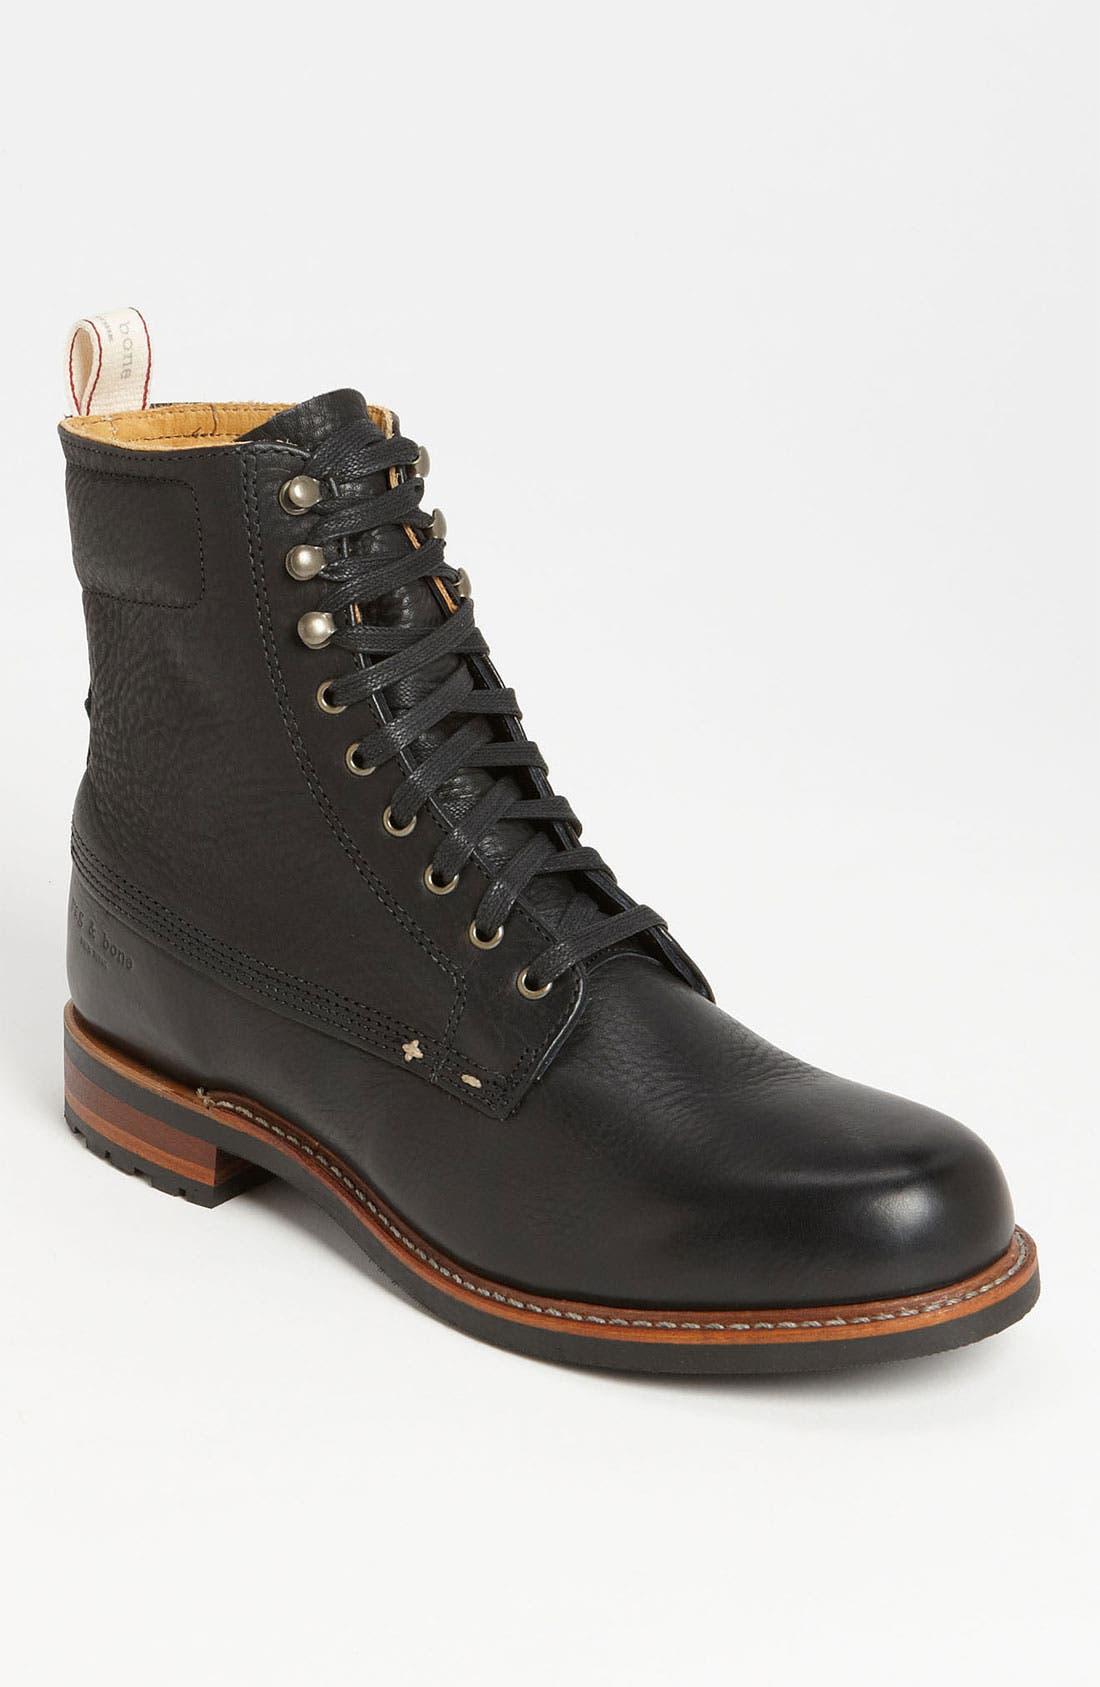 Main Image - rag & bone 'Officer' Boot